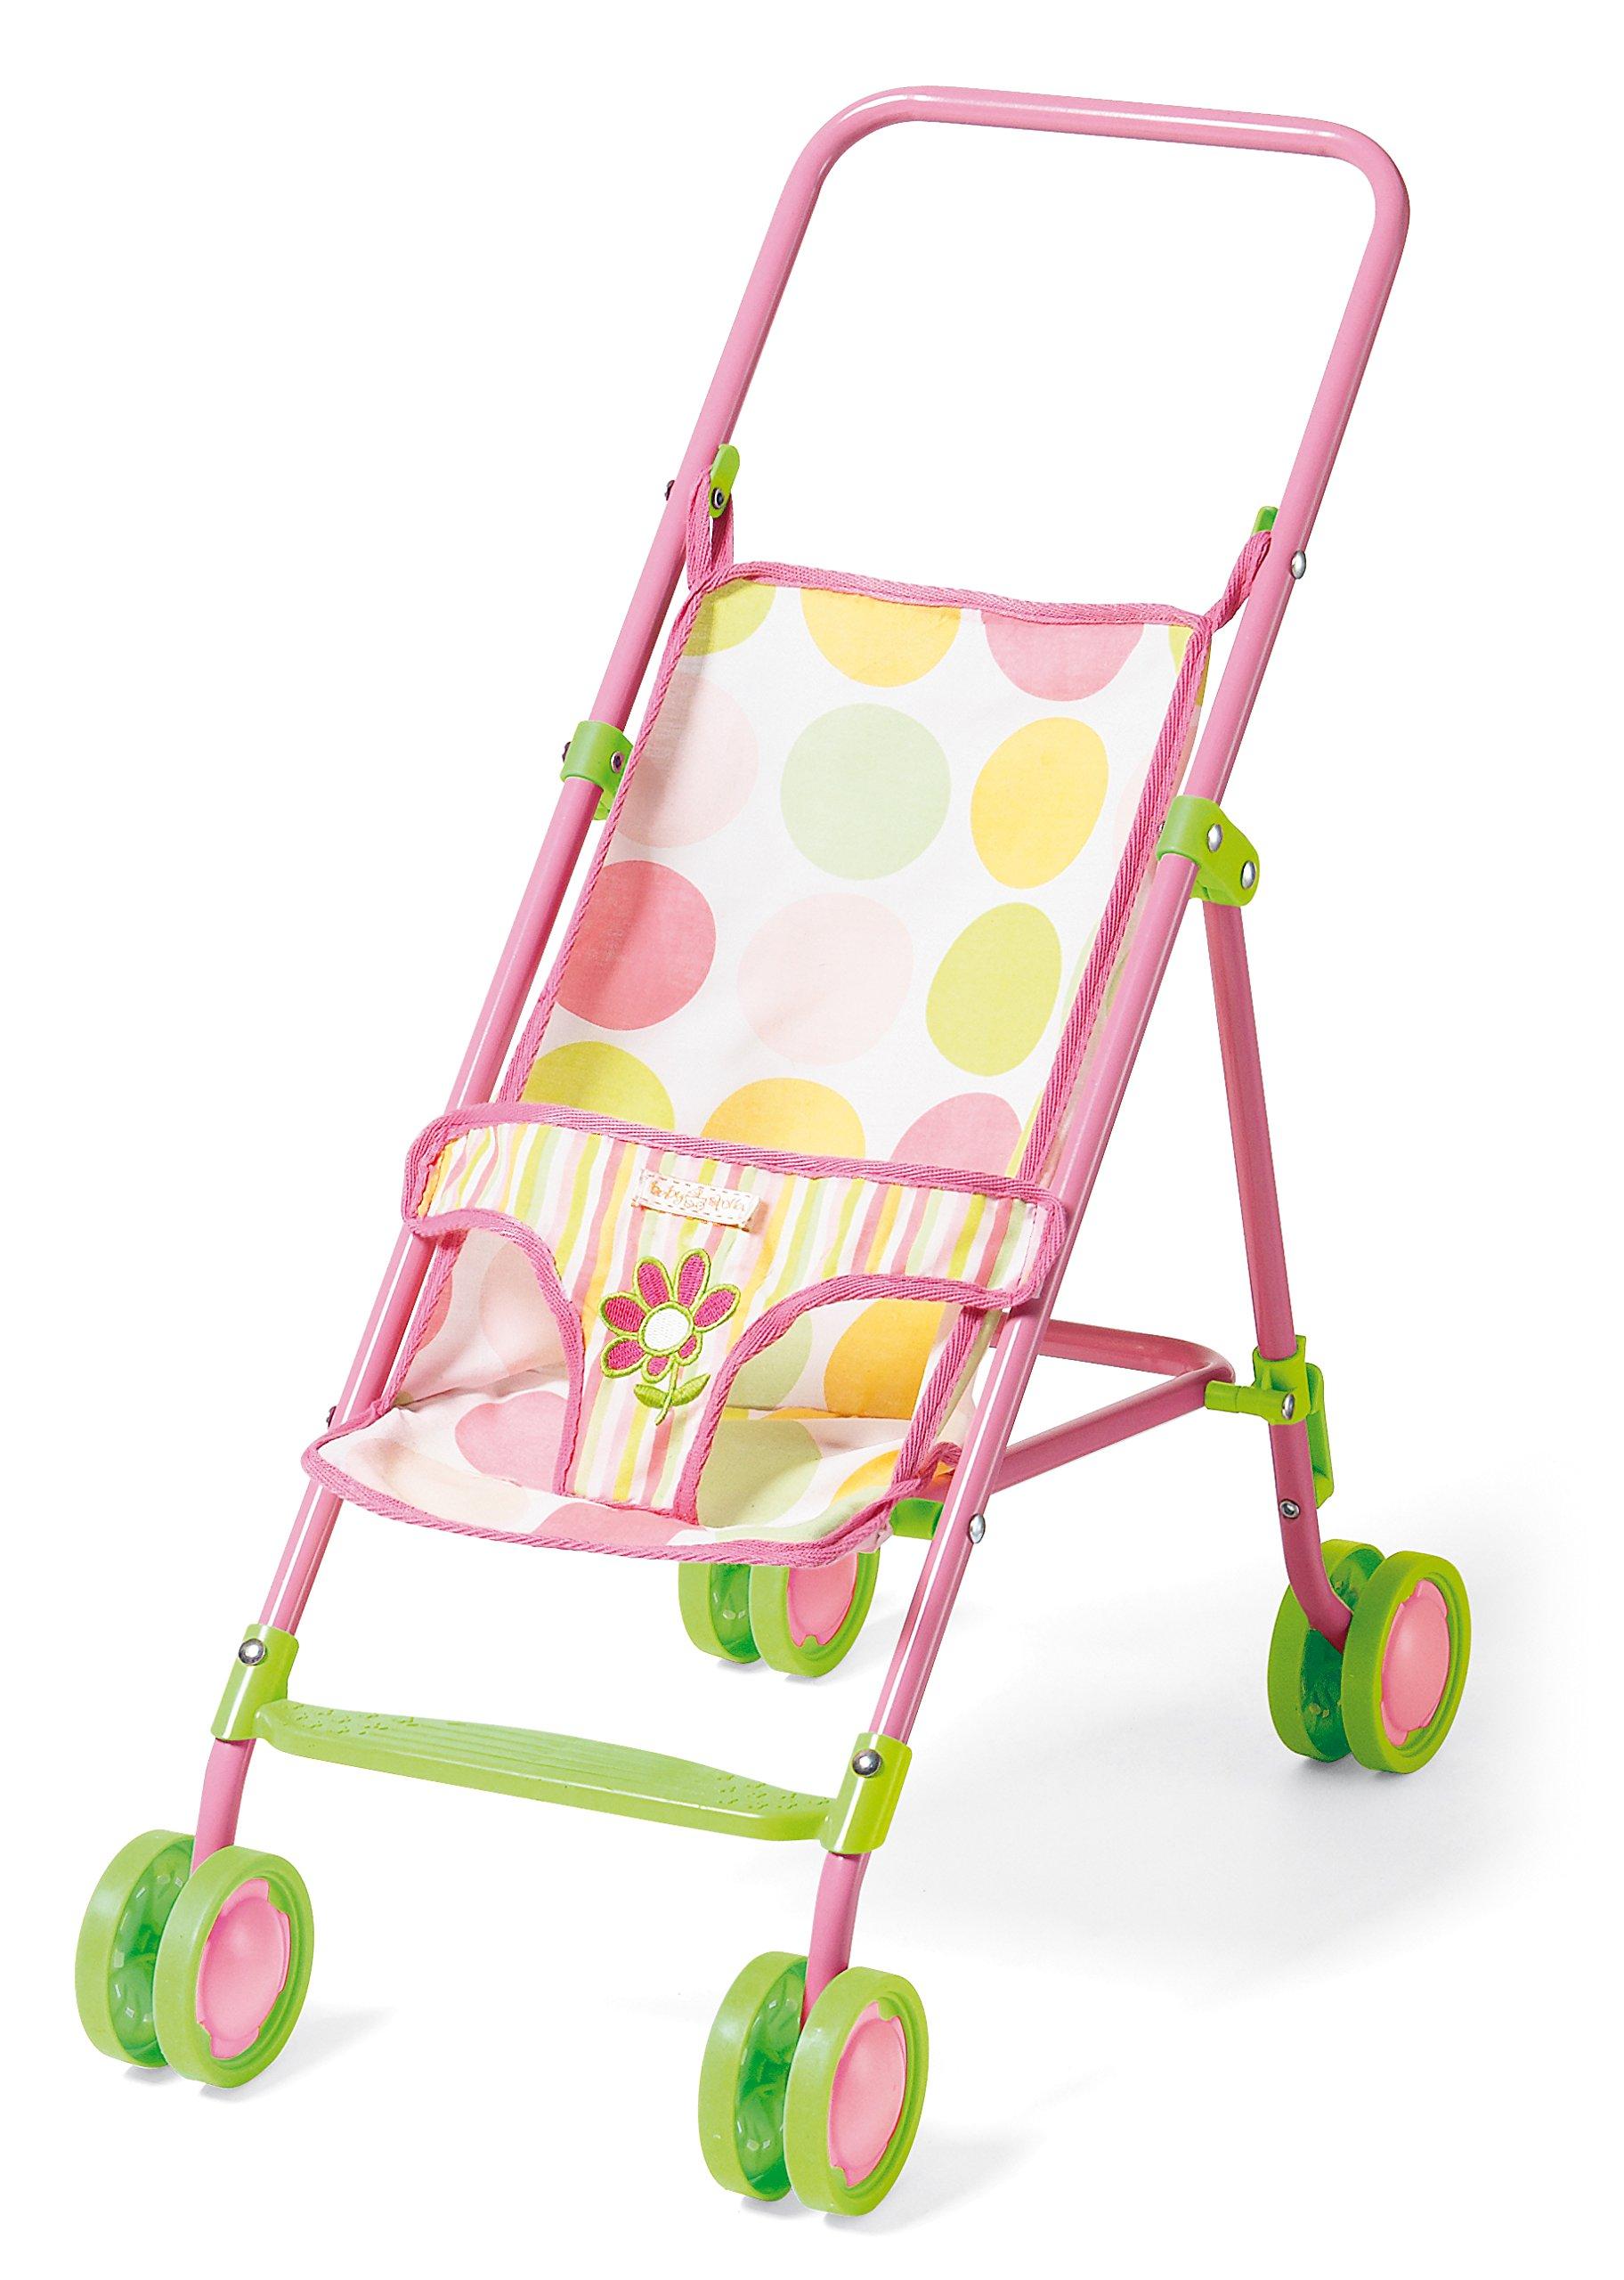 Manhattan Toy Baby Stella Baby Stroller Toy for 15'' Dolls